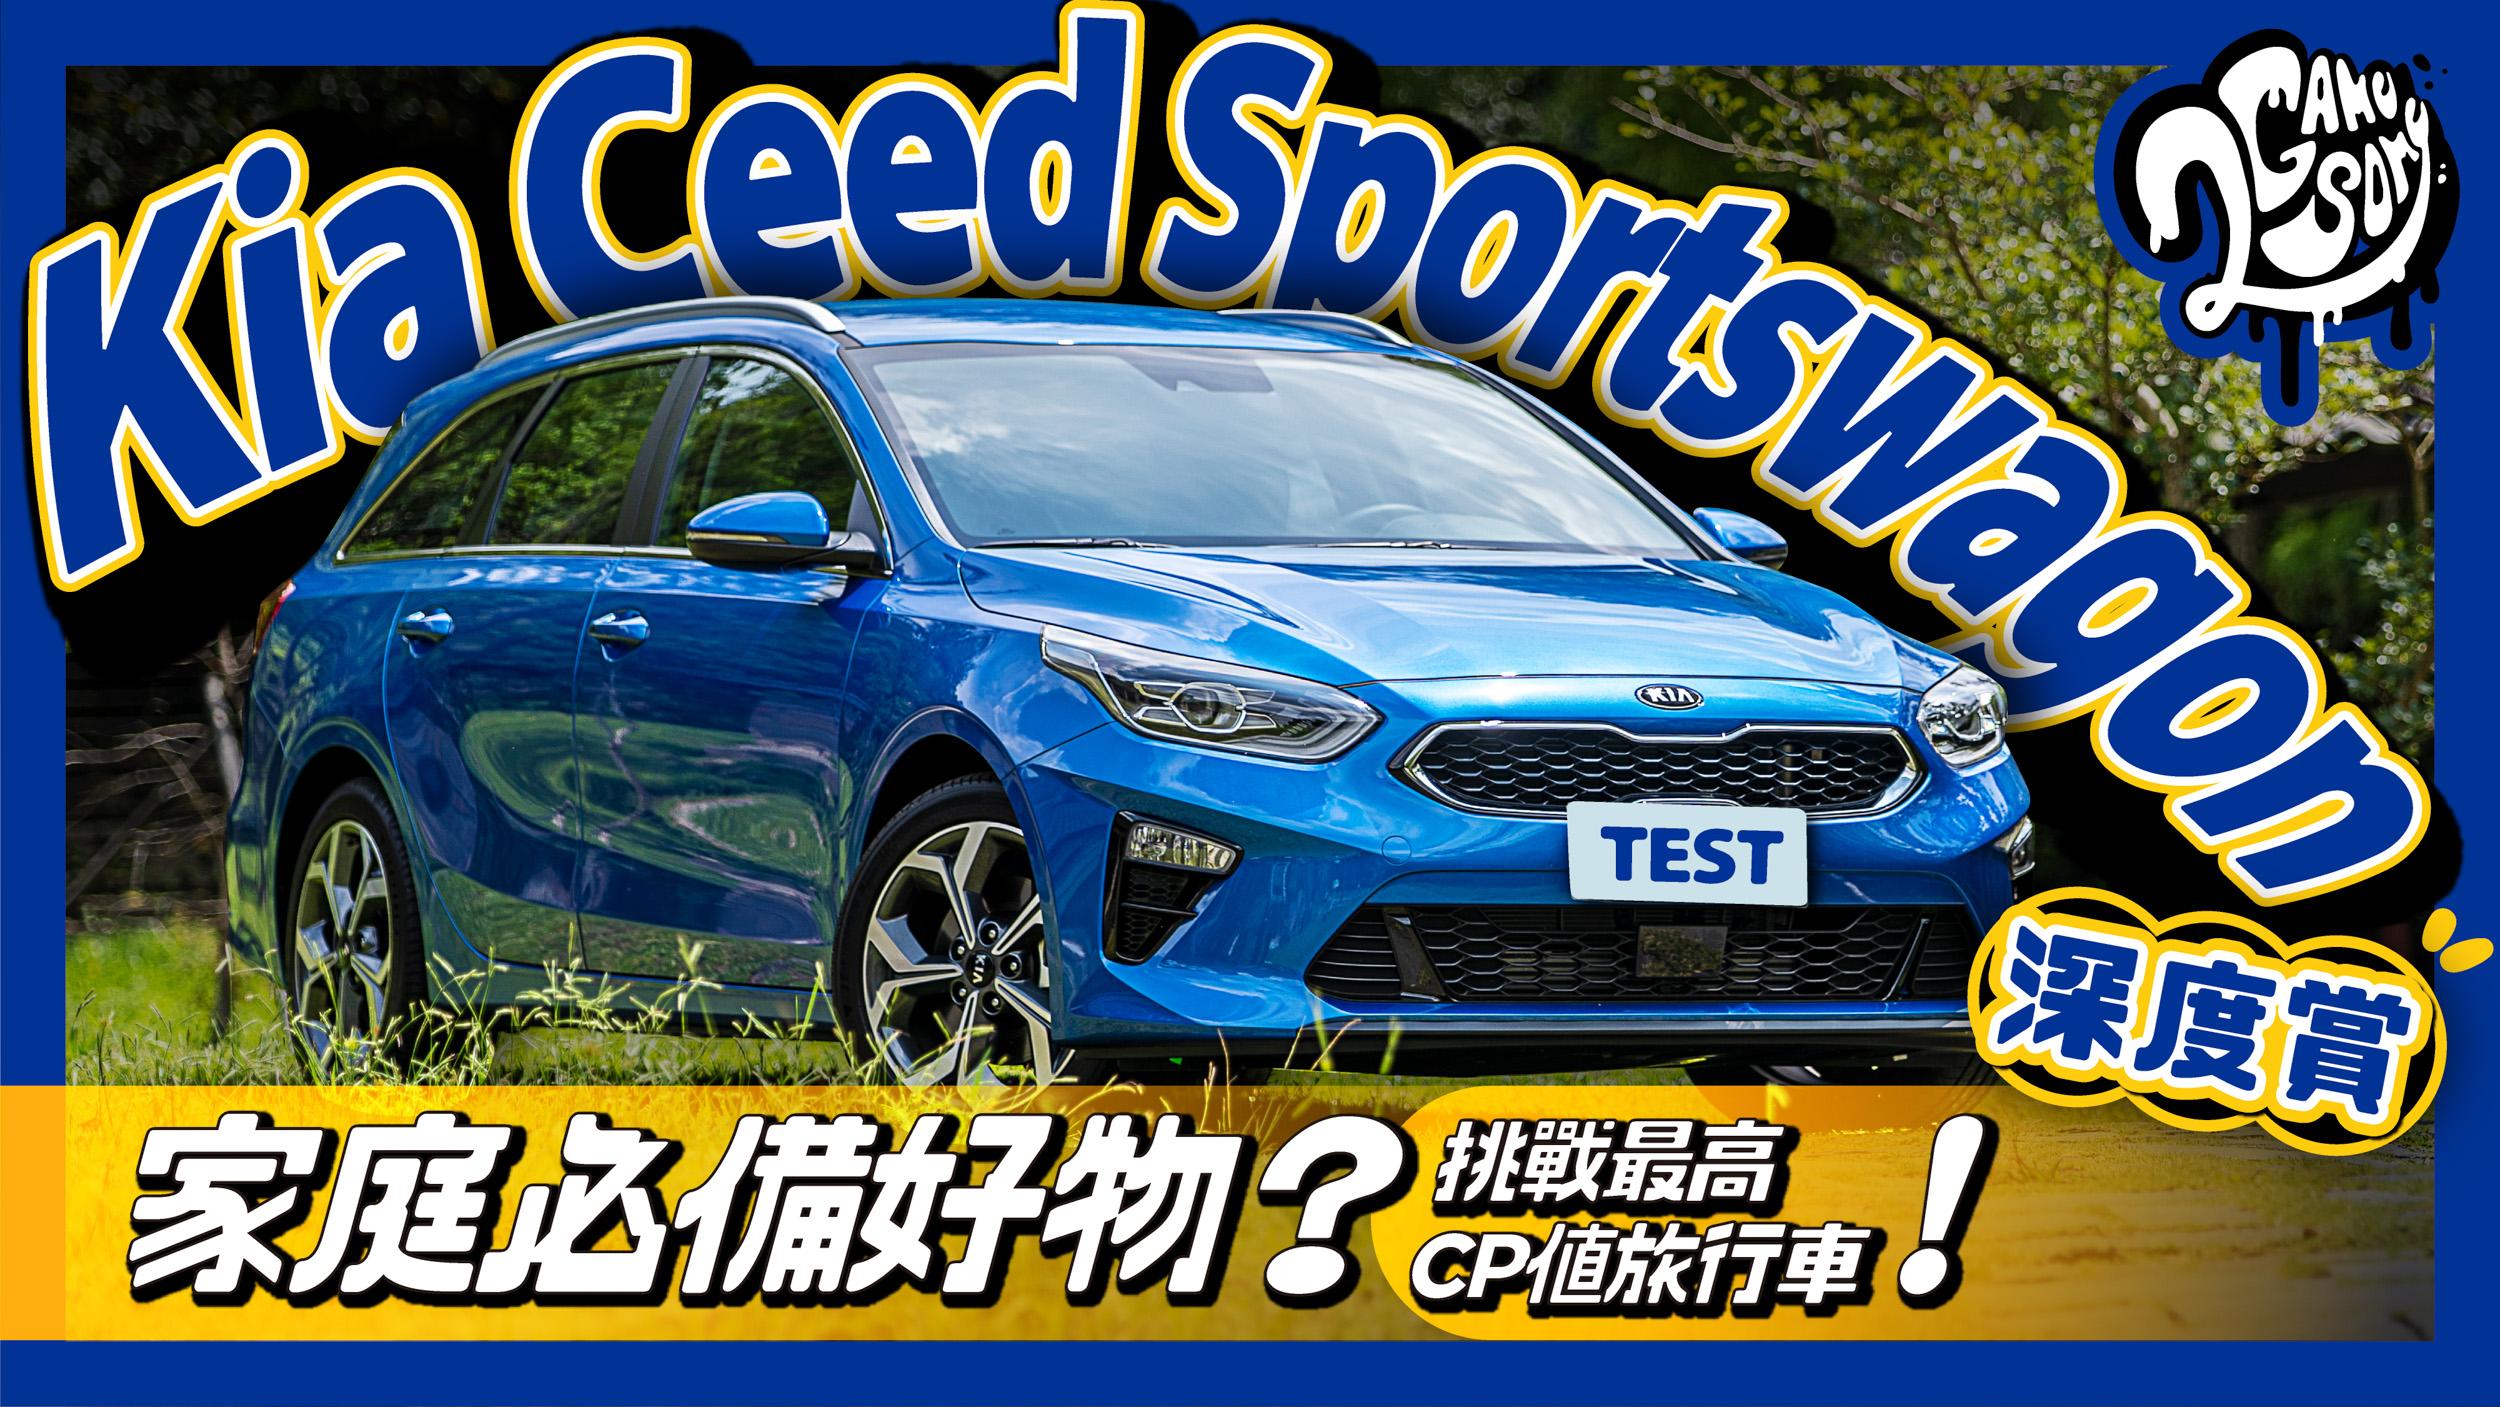 Kia Ceed Sportswagon 深度賞| 家庭必備好物?挑戰最高 CP 值旅行車!